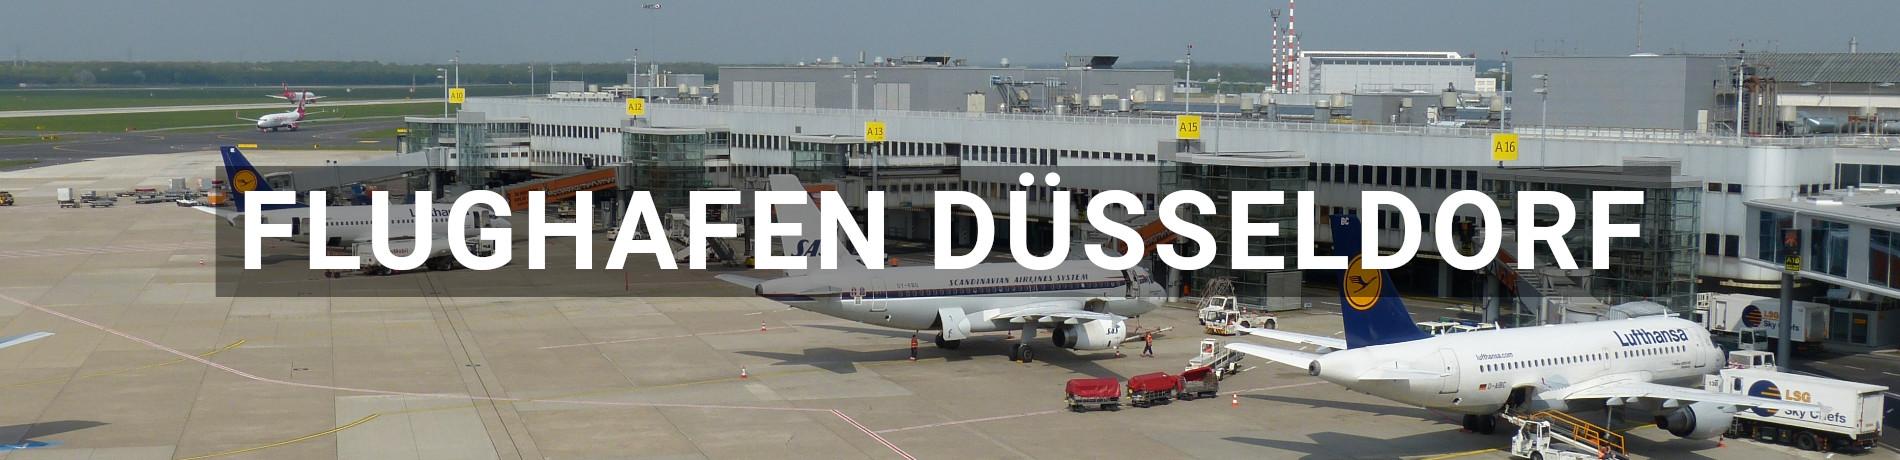 Flughafen-Duesseldorf-Header